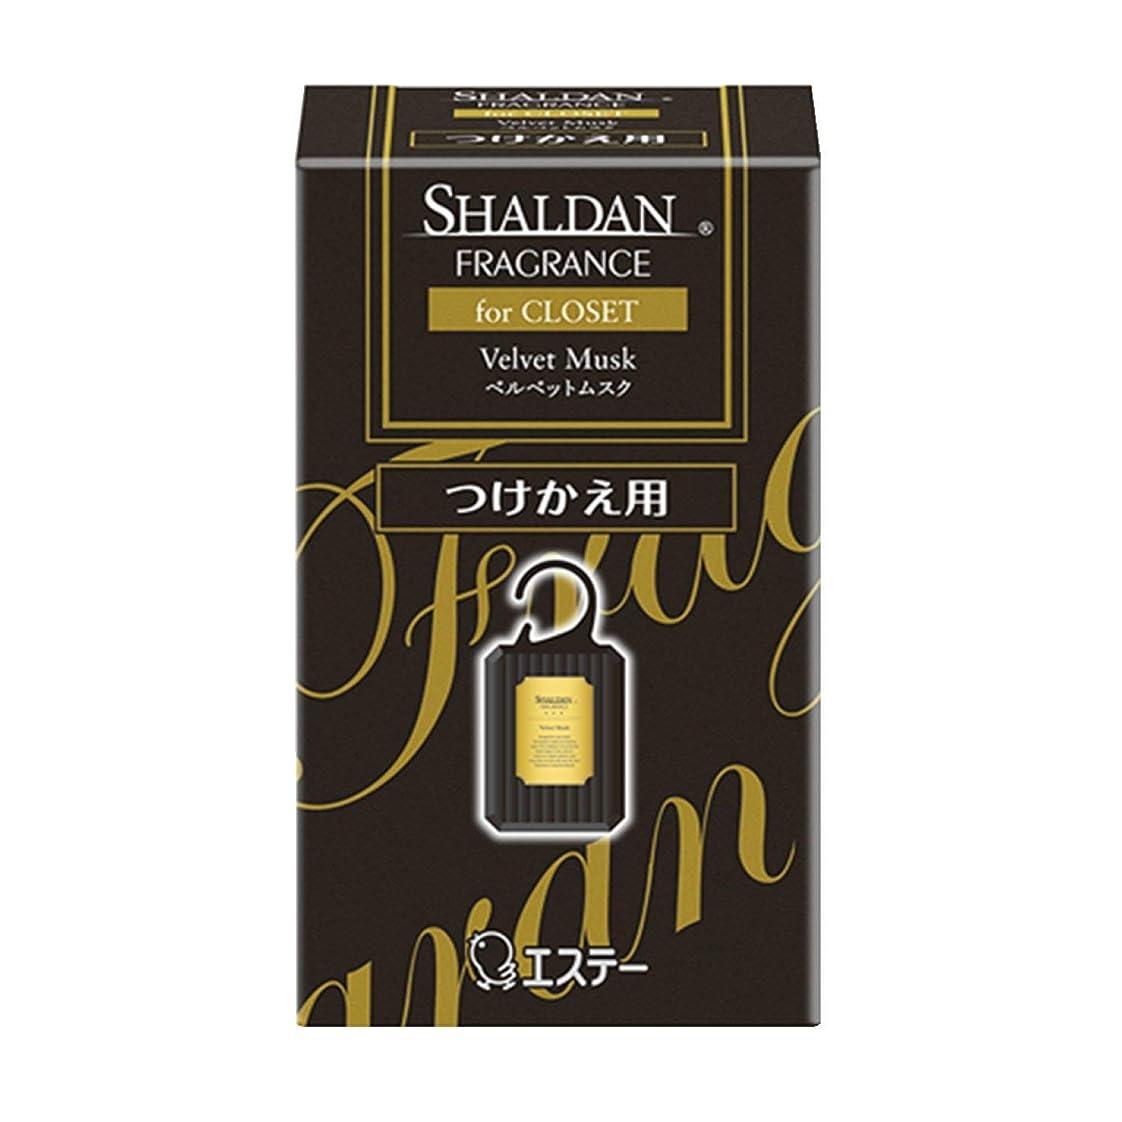 上へ反抗ウールシャルダン SHALDAN フレグランス for CLOSET 芳香剤 クローゼット用 つけかえ ベルベットムスク 30g